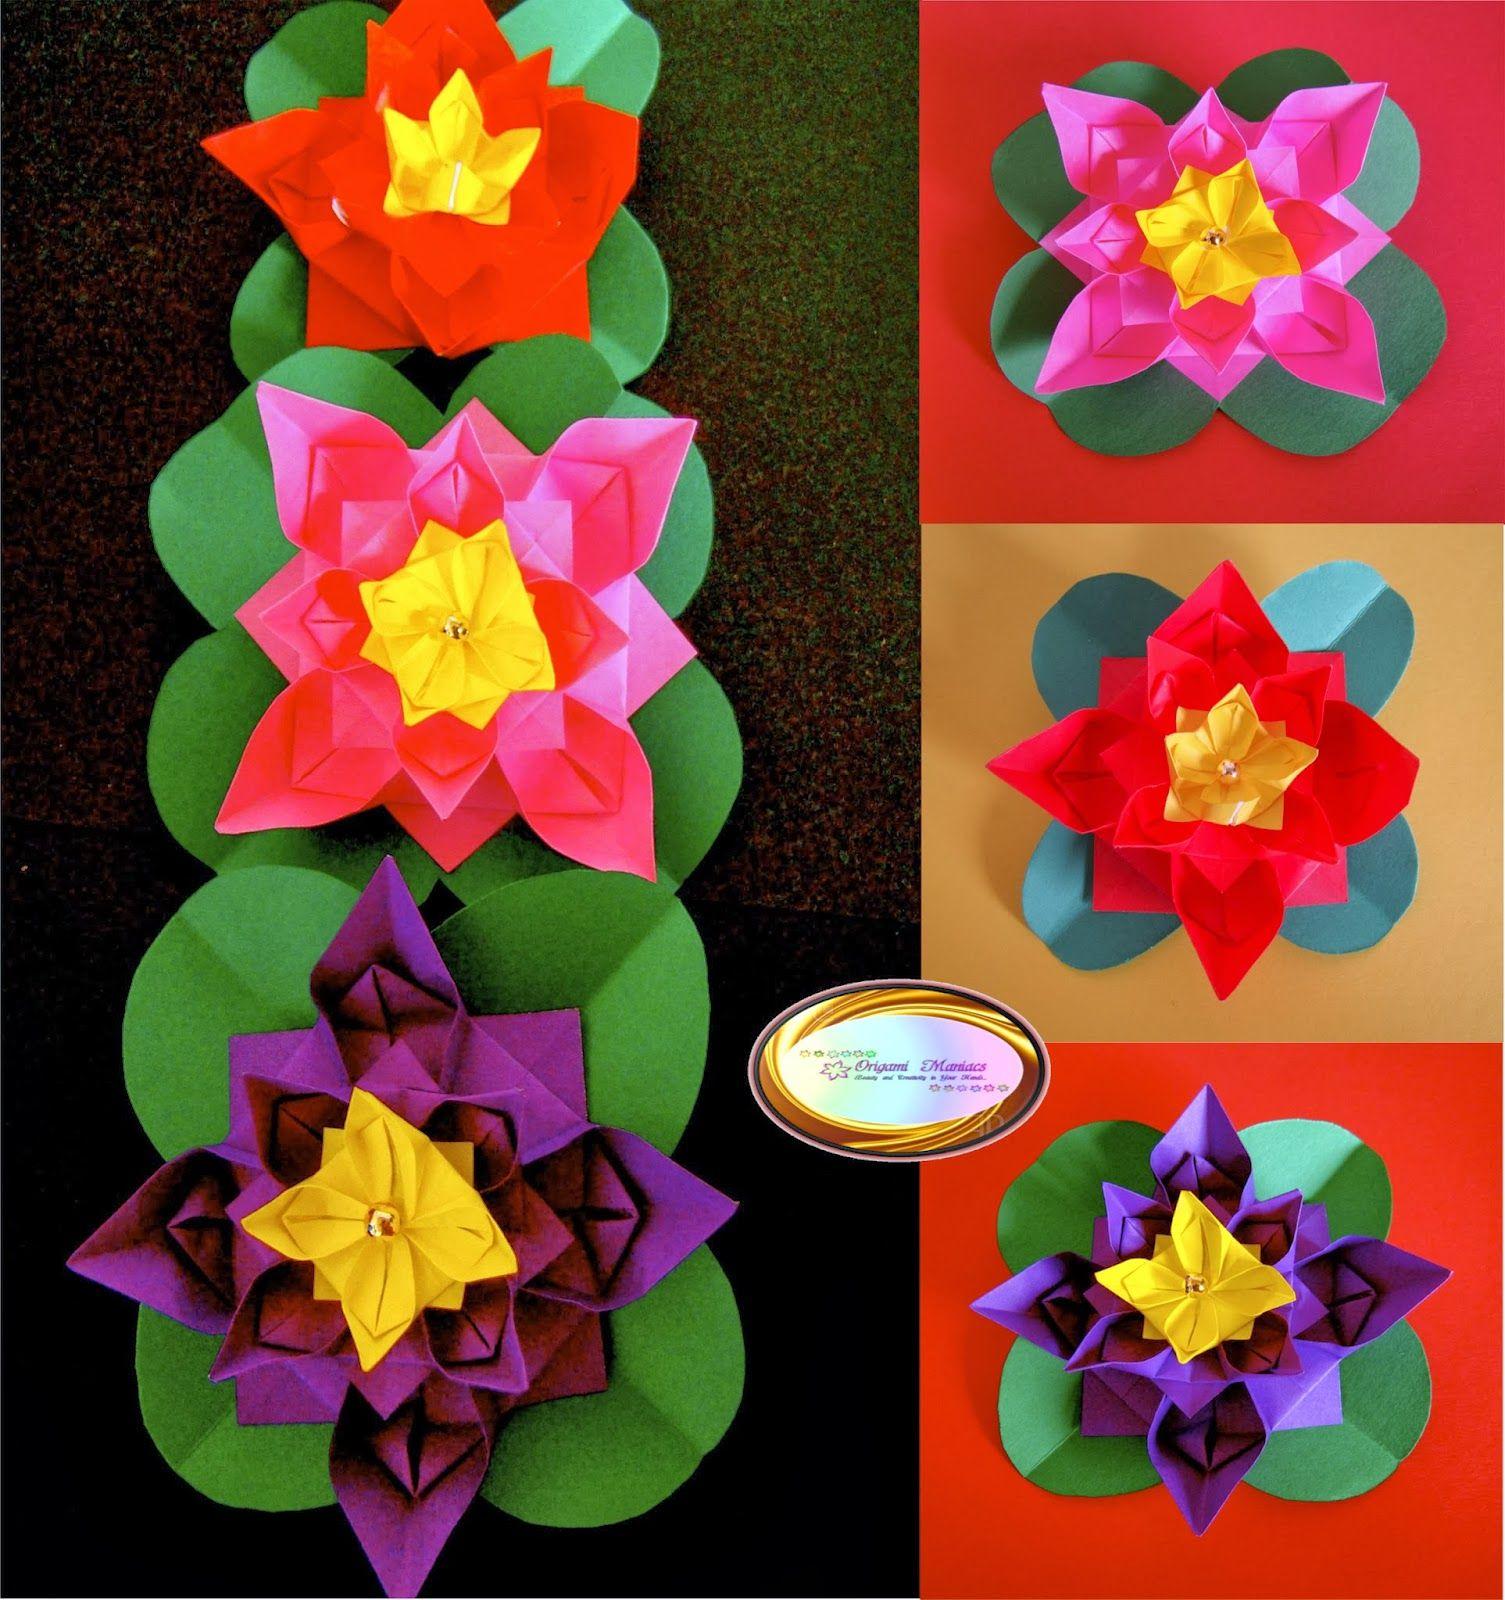 Origami maniacs cute origami flower origami pinterest origami origami maniacs cute origami flower mightylinksfo